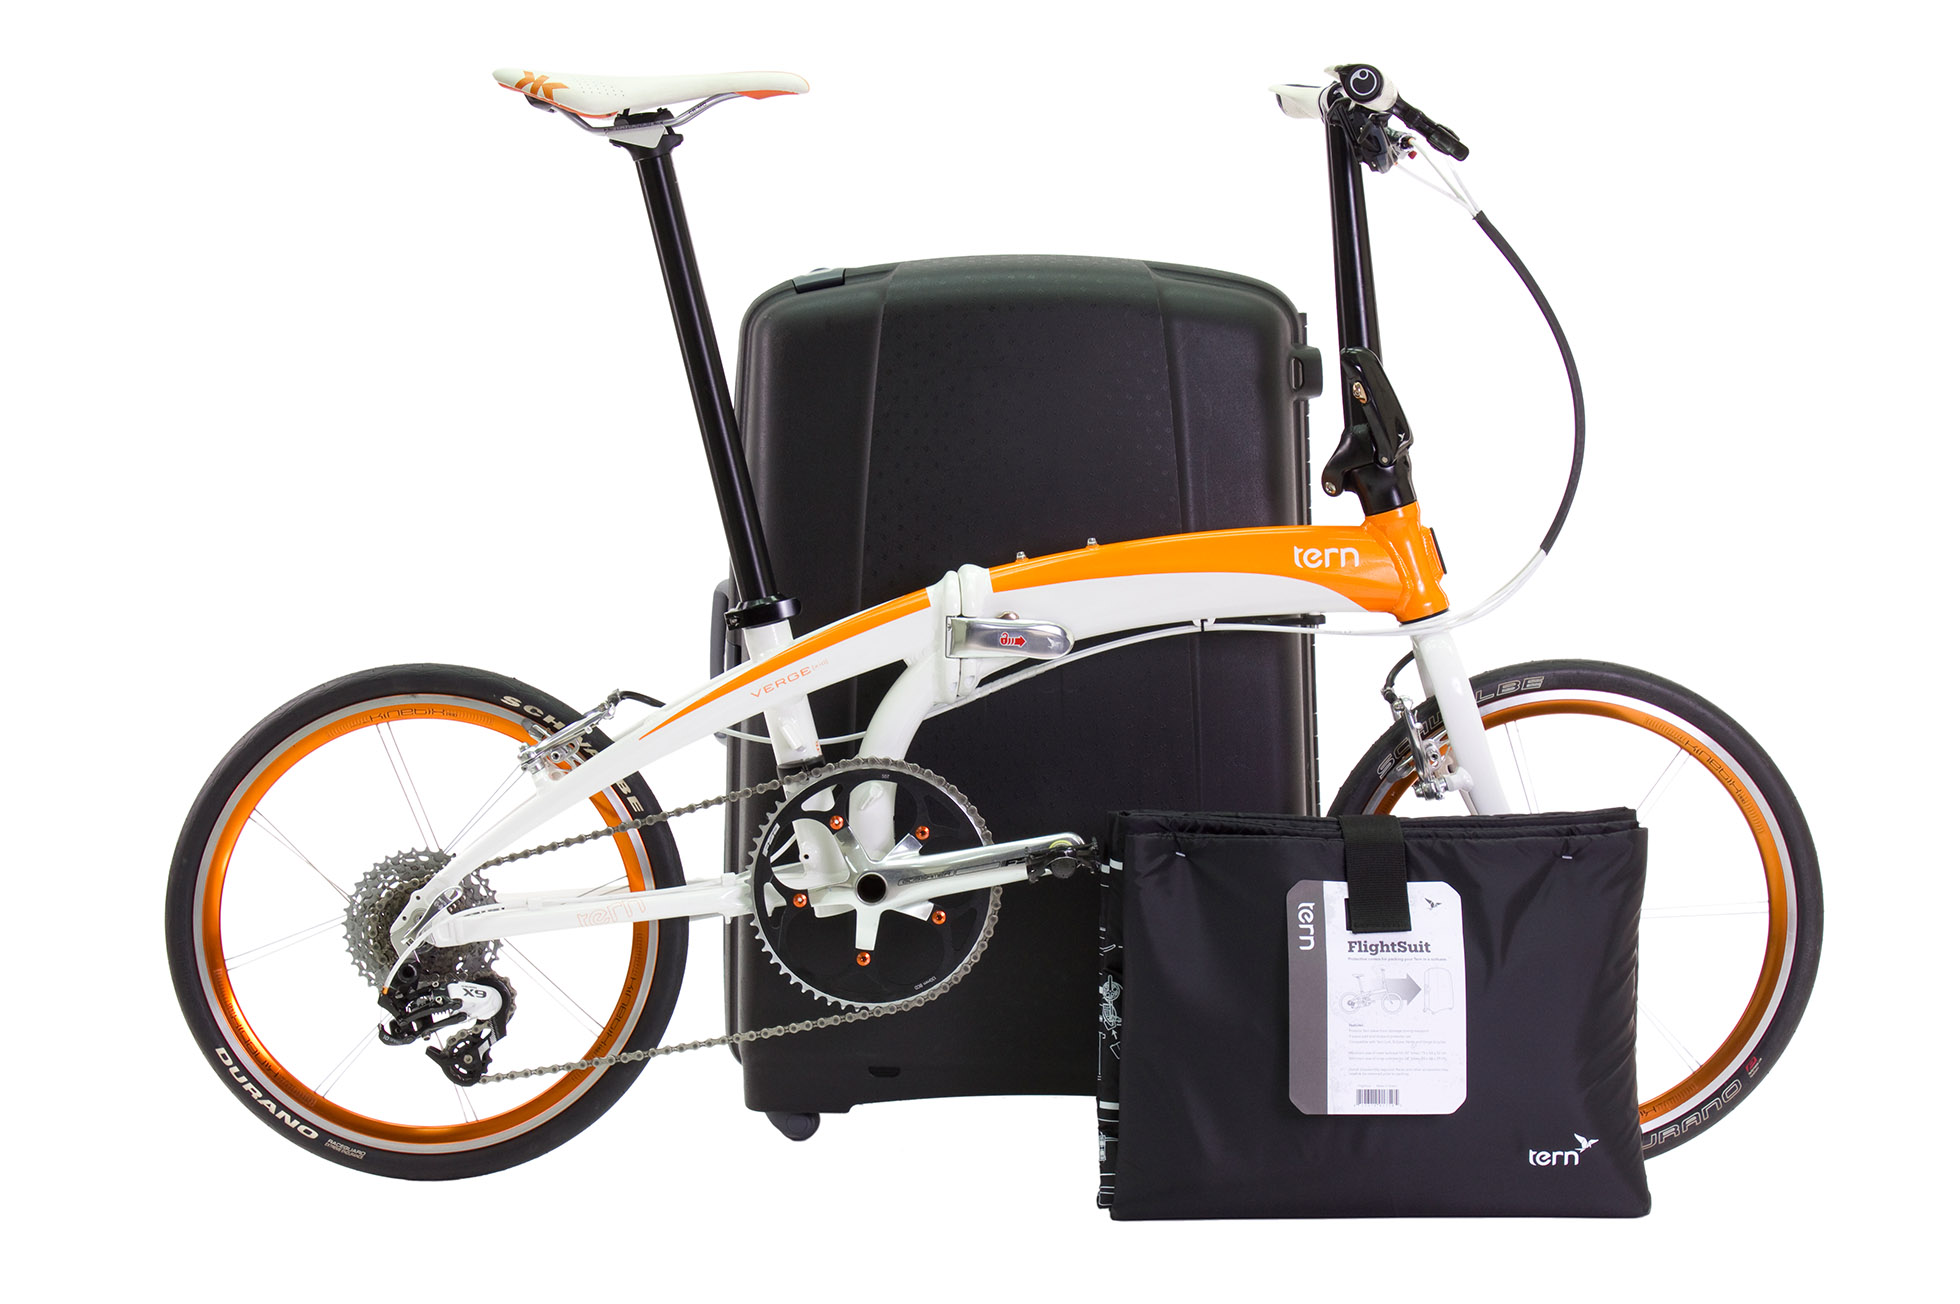 Flightsuit Tern Folding Bikes Worldwide